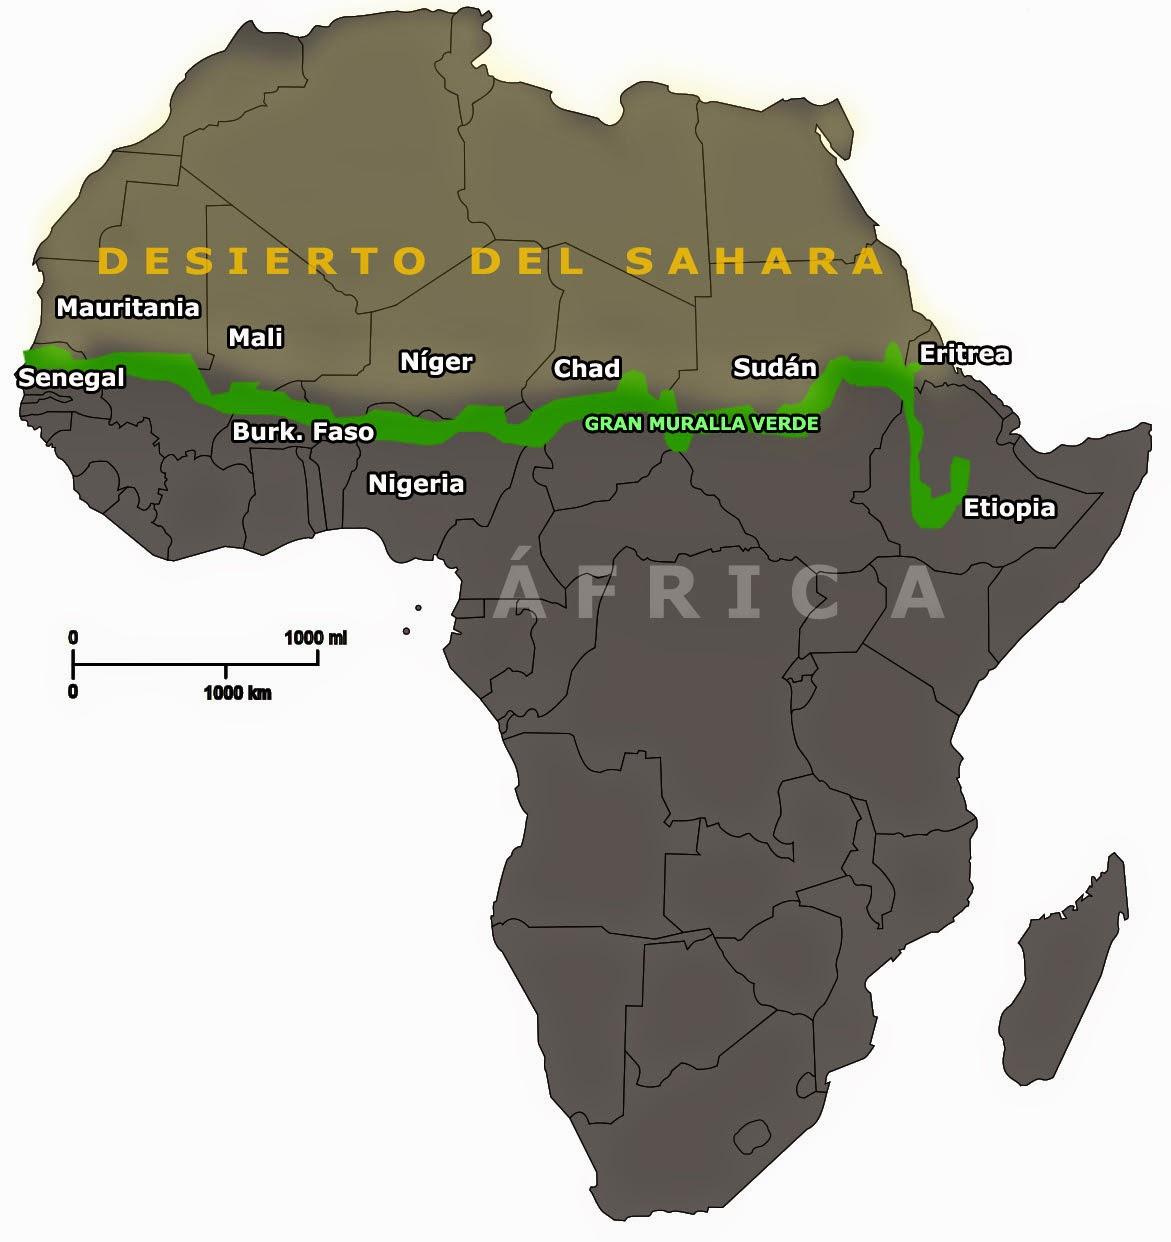 Desierto Del Sahara Mapa.Descubre Tu Mundo Africa Construye Una Gran Muralla Verde